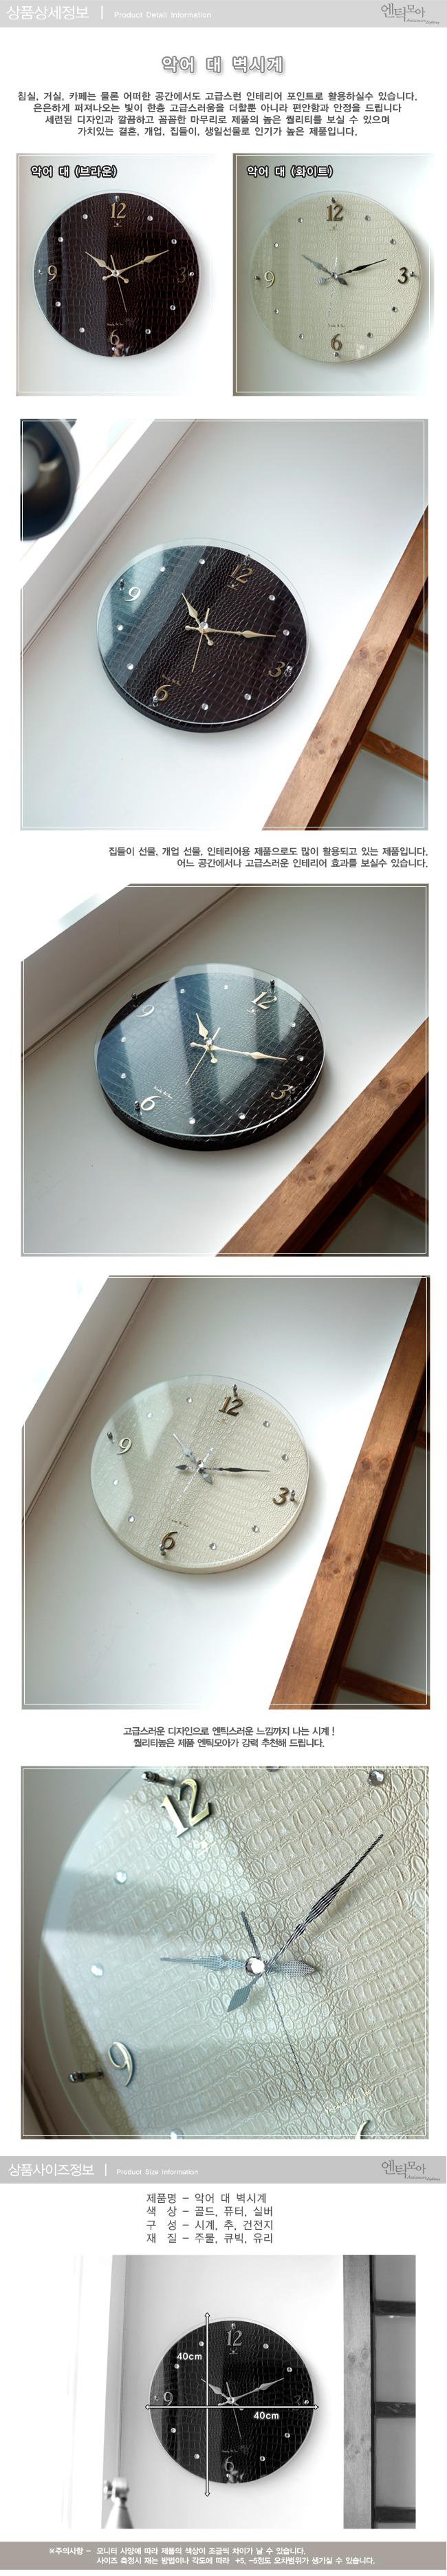 악어(대)벽시계(2color) - 데코플러스, 63,750원, 벽시계, 디자인벽시계